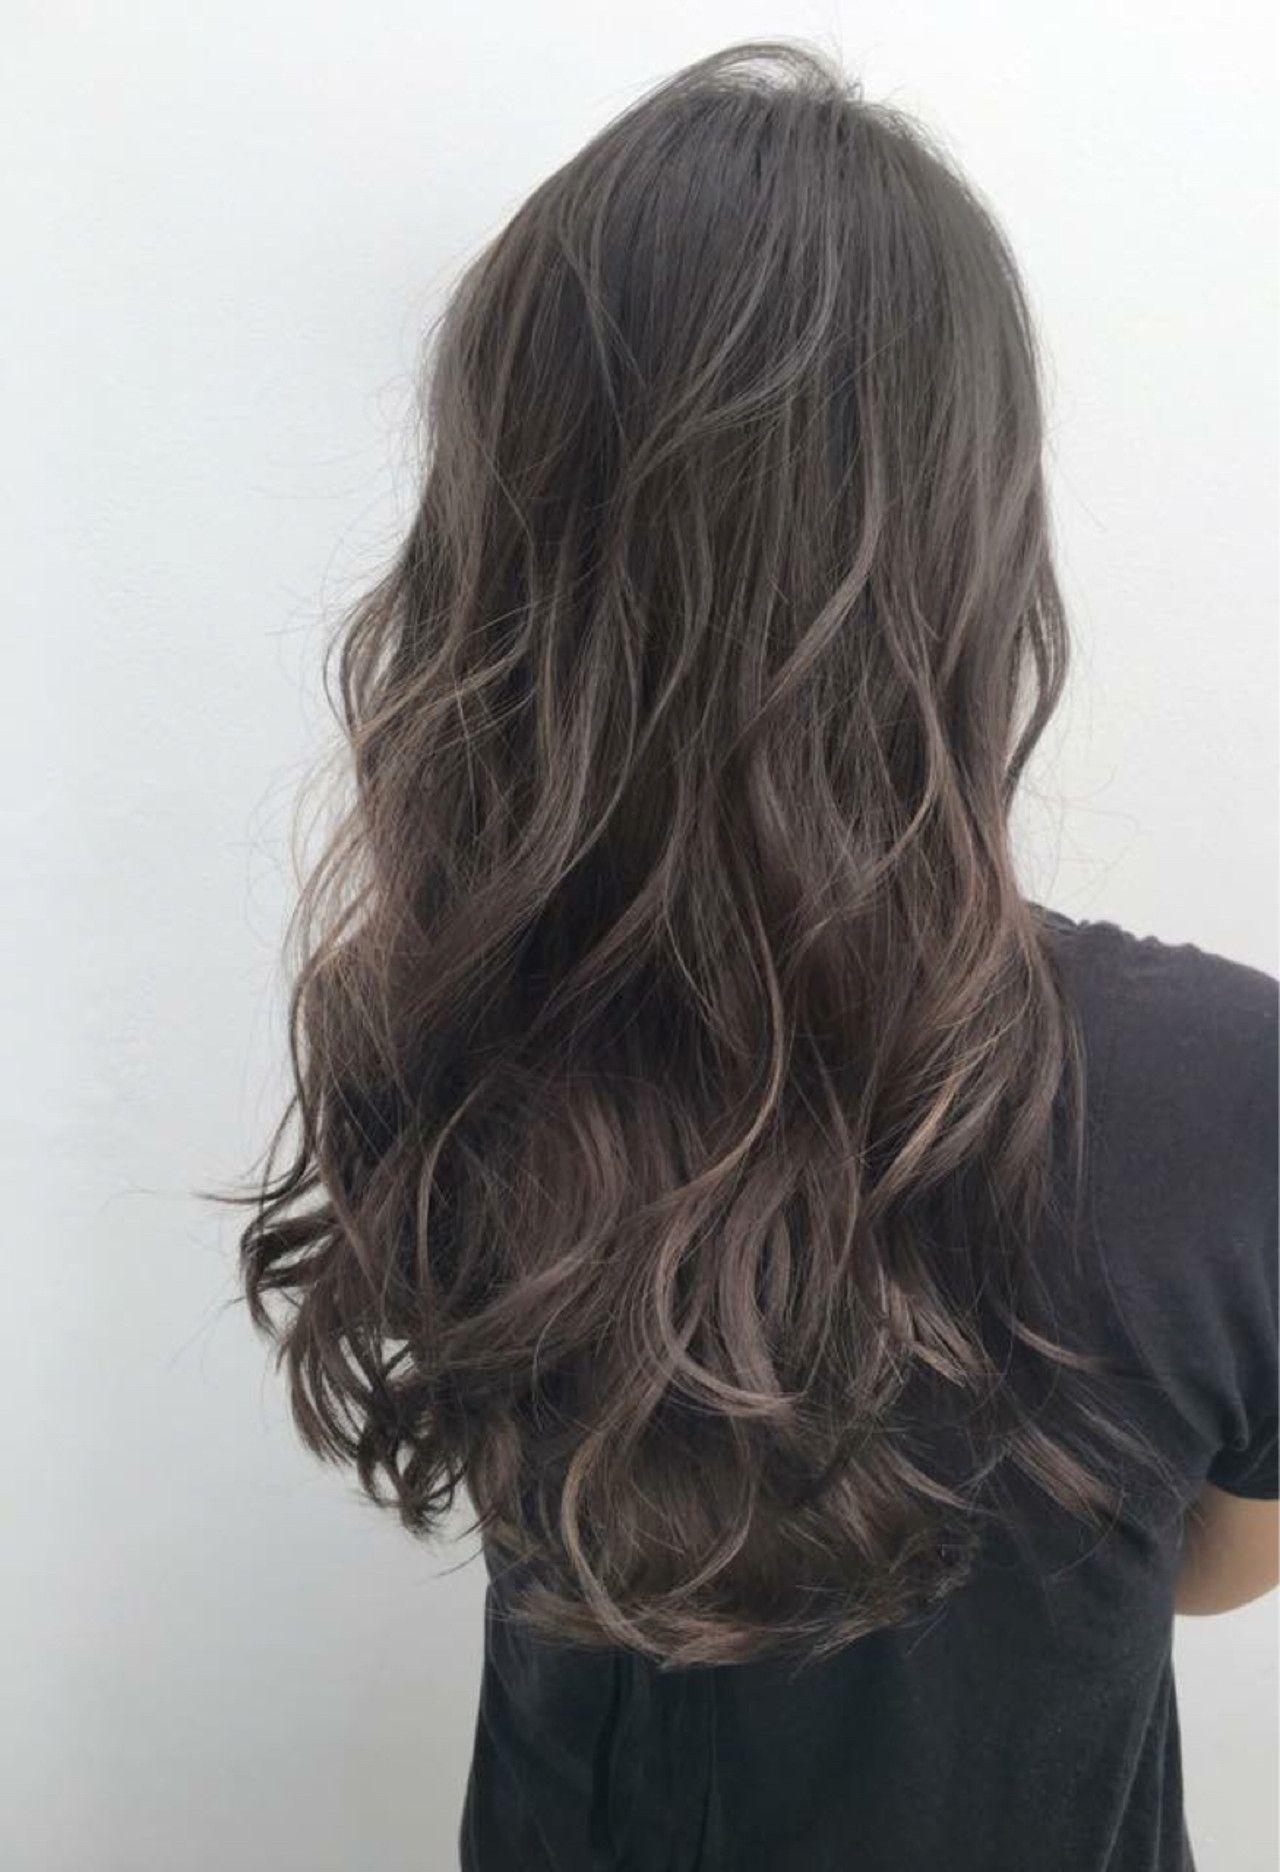 暗髪グレージュハイライト 髪型 ロング パーマ 髪色 ハイライト